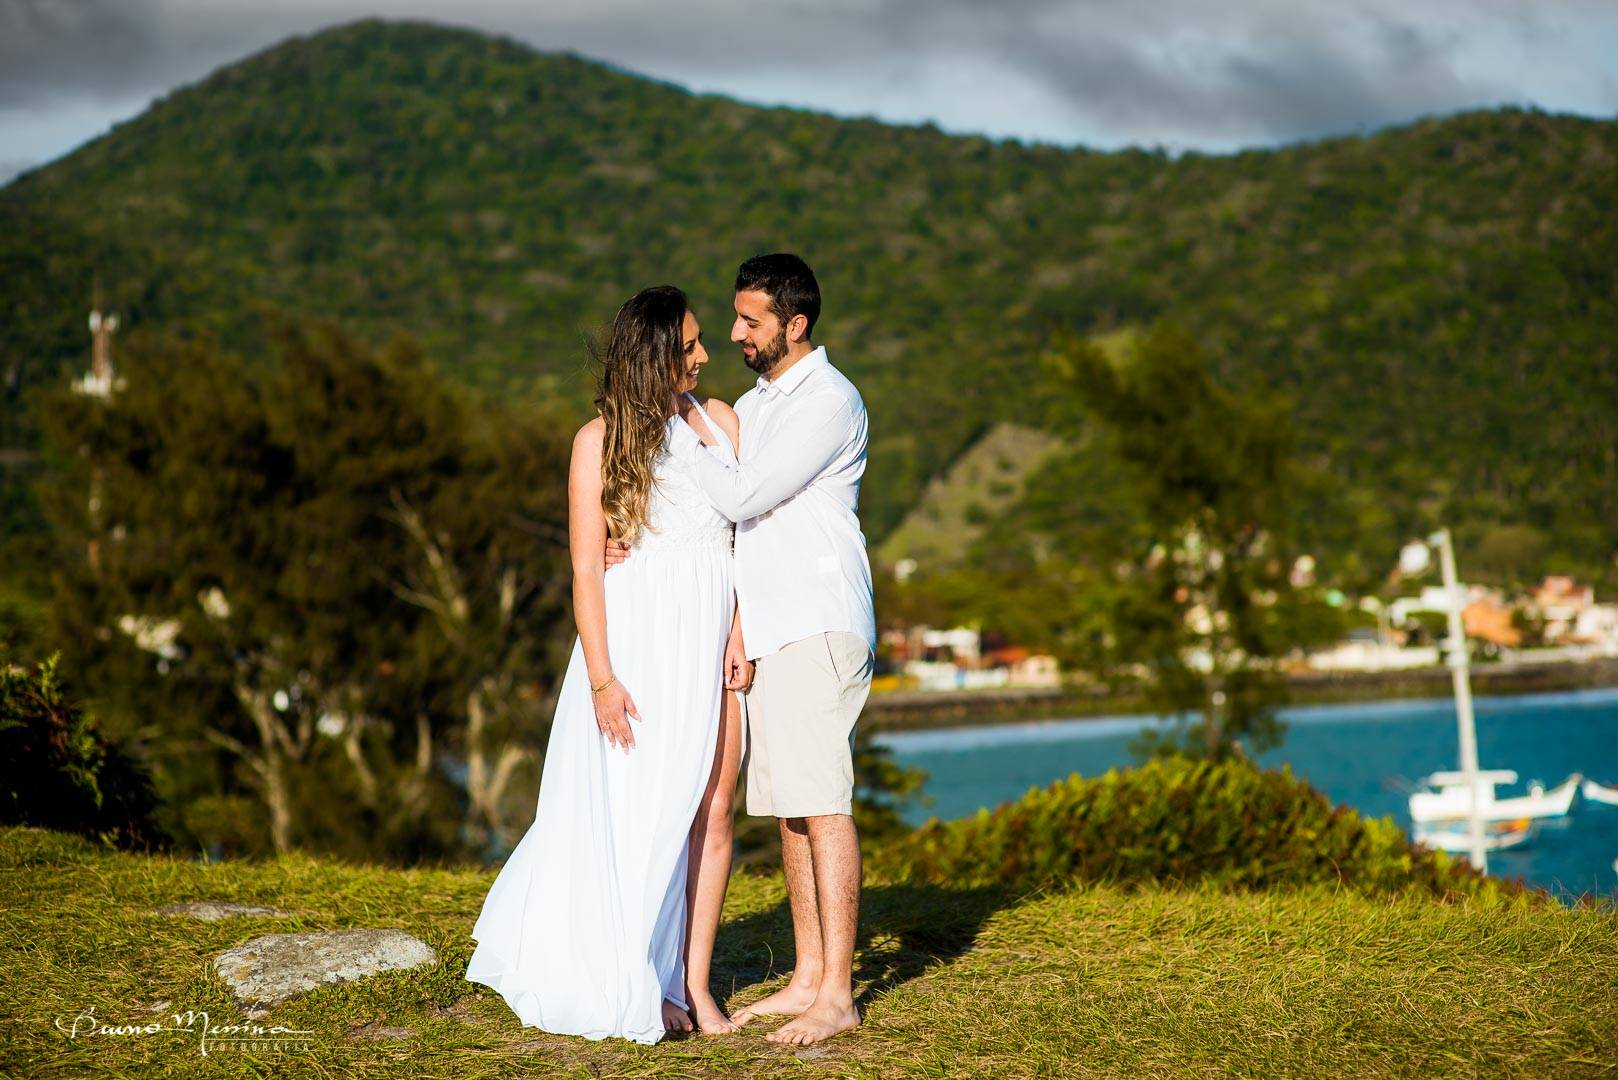 fotos pre casamento em Floripa - fotos de casal na Ilha do Campeche - ensaio pre casamento em Floripa - Fotografo para Casamento em Floripa - Fotos subaquaticas ilha do campeche